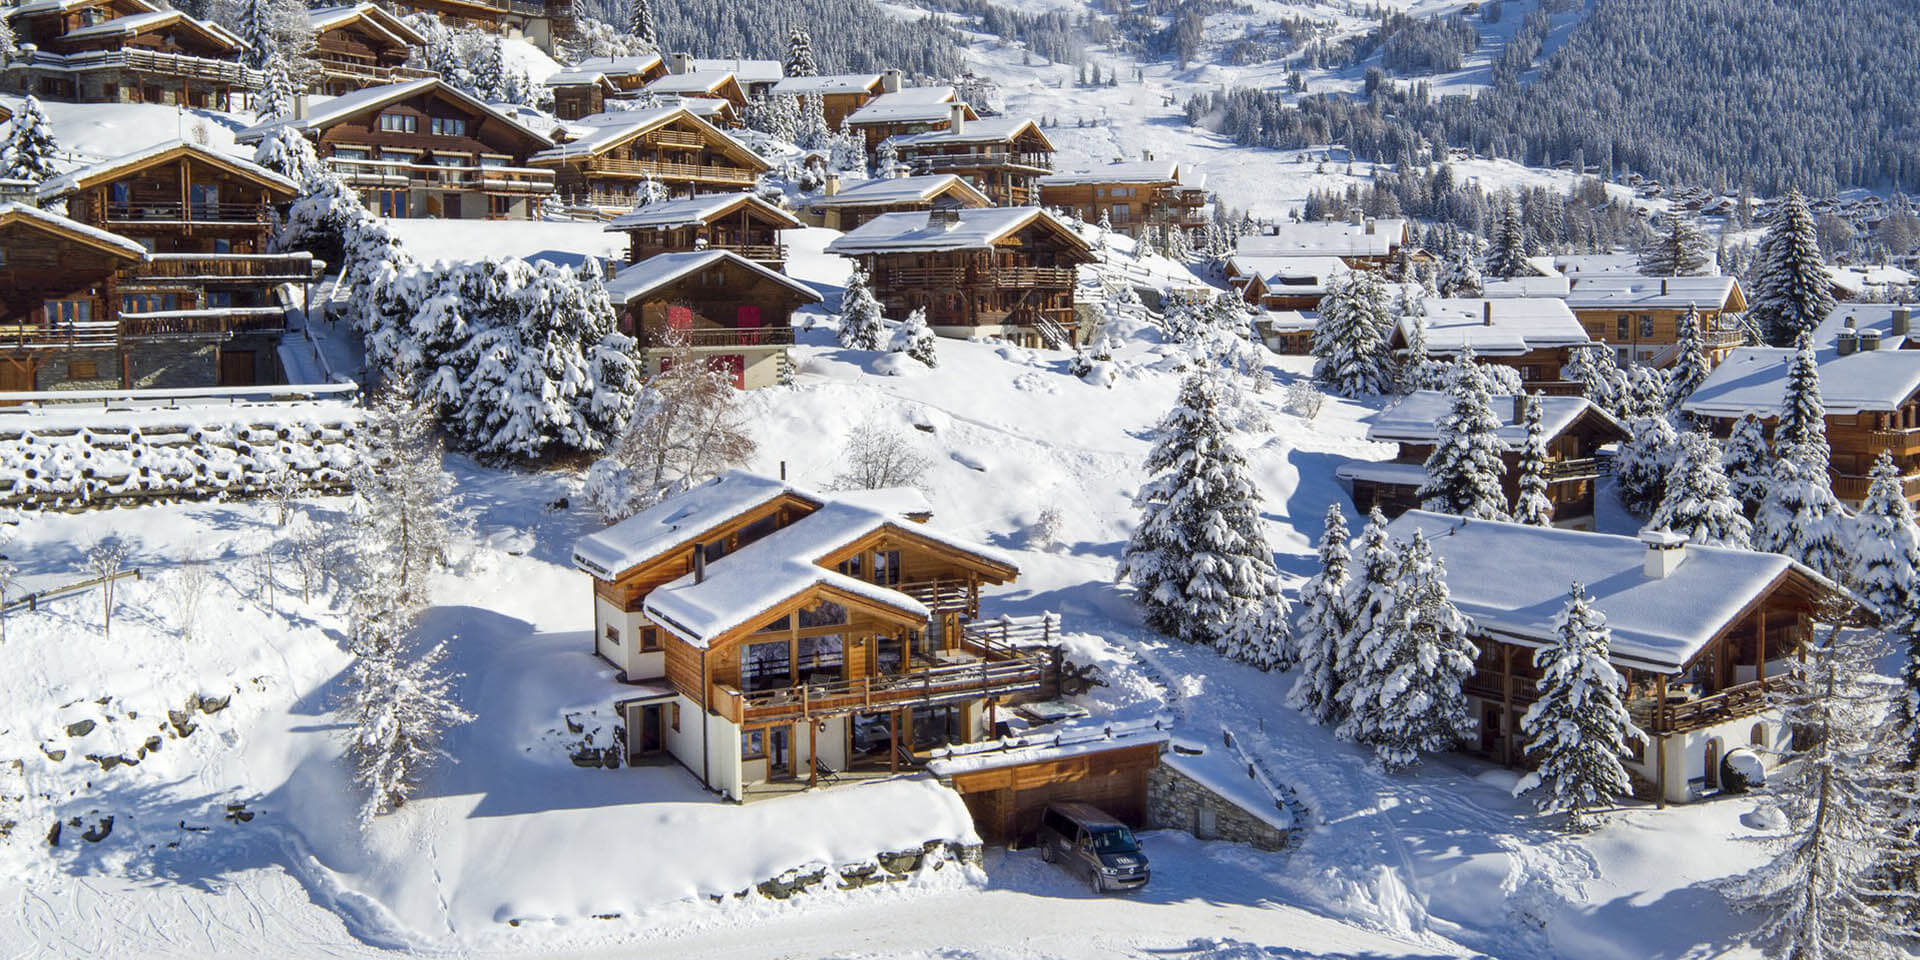 Chalet Rock Verbier Les 4 Vallees Zwitserland wintersport skivakantie luxe chaletwijk garage ligging sneeuw besneeuwde bomen